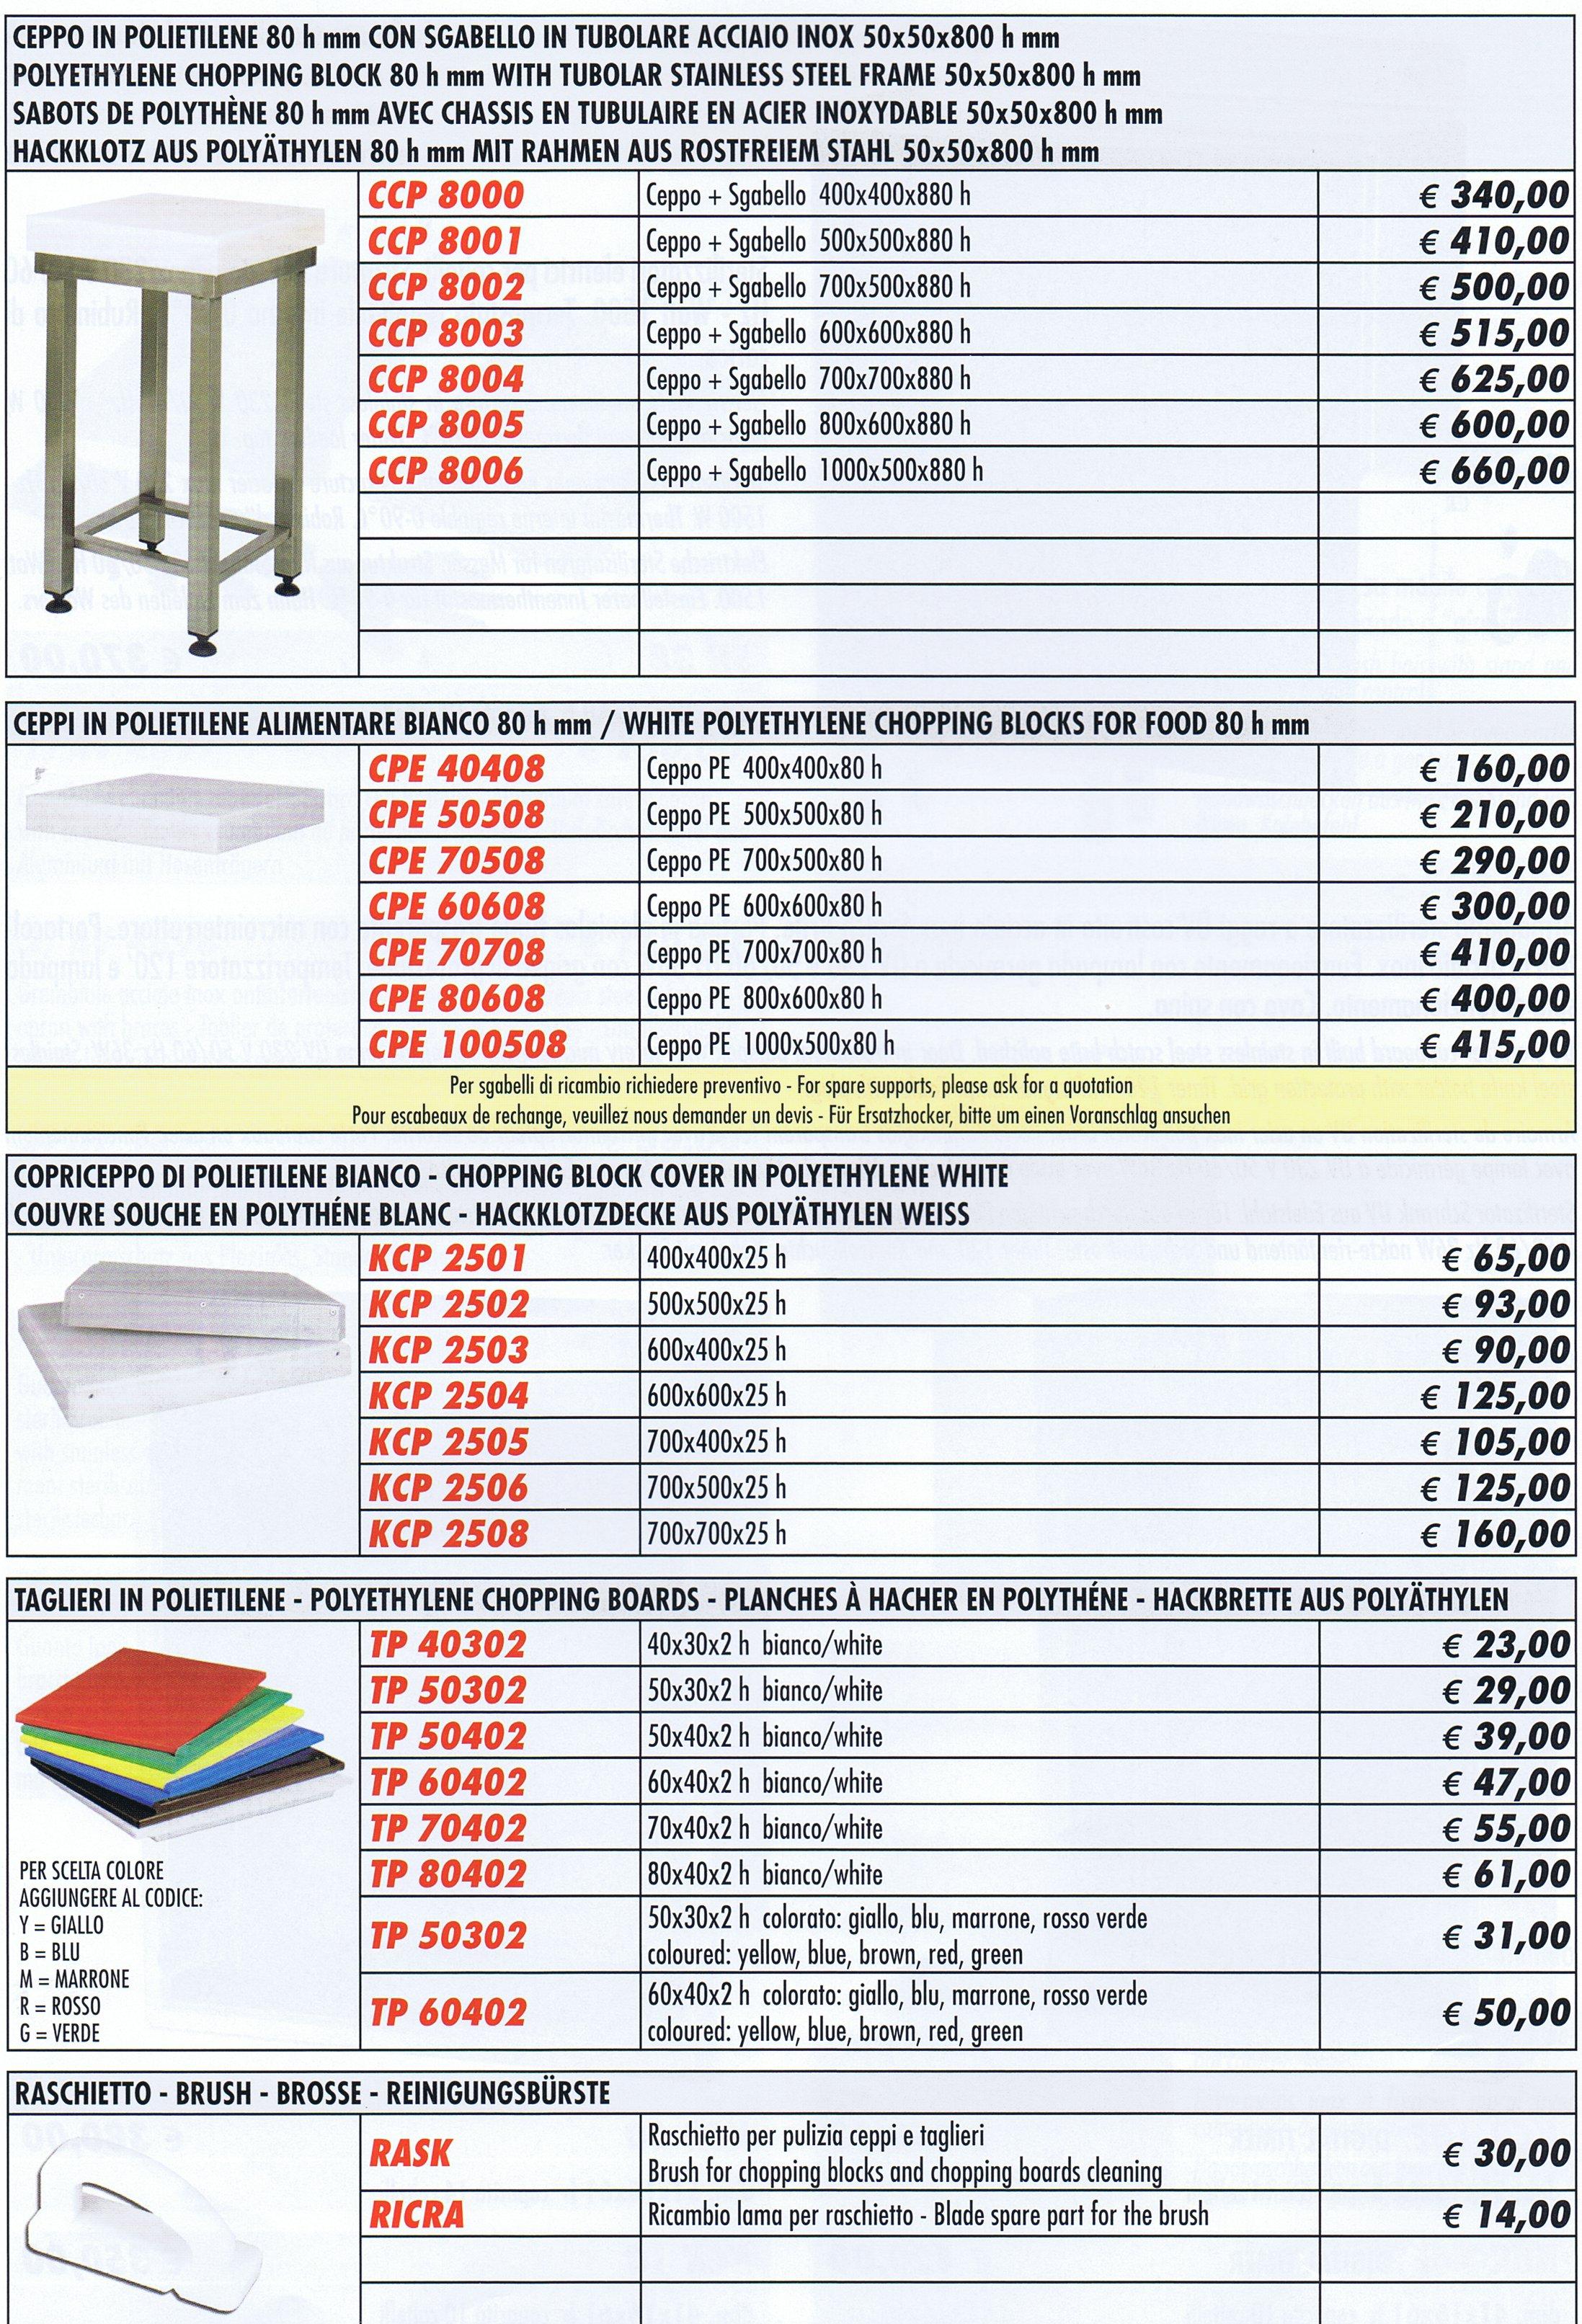 Ceppi polietilene forcar con sgabello varie misure for Poli arredamenti